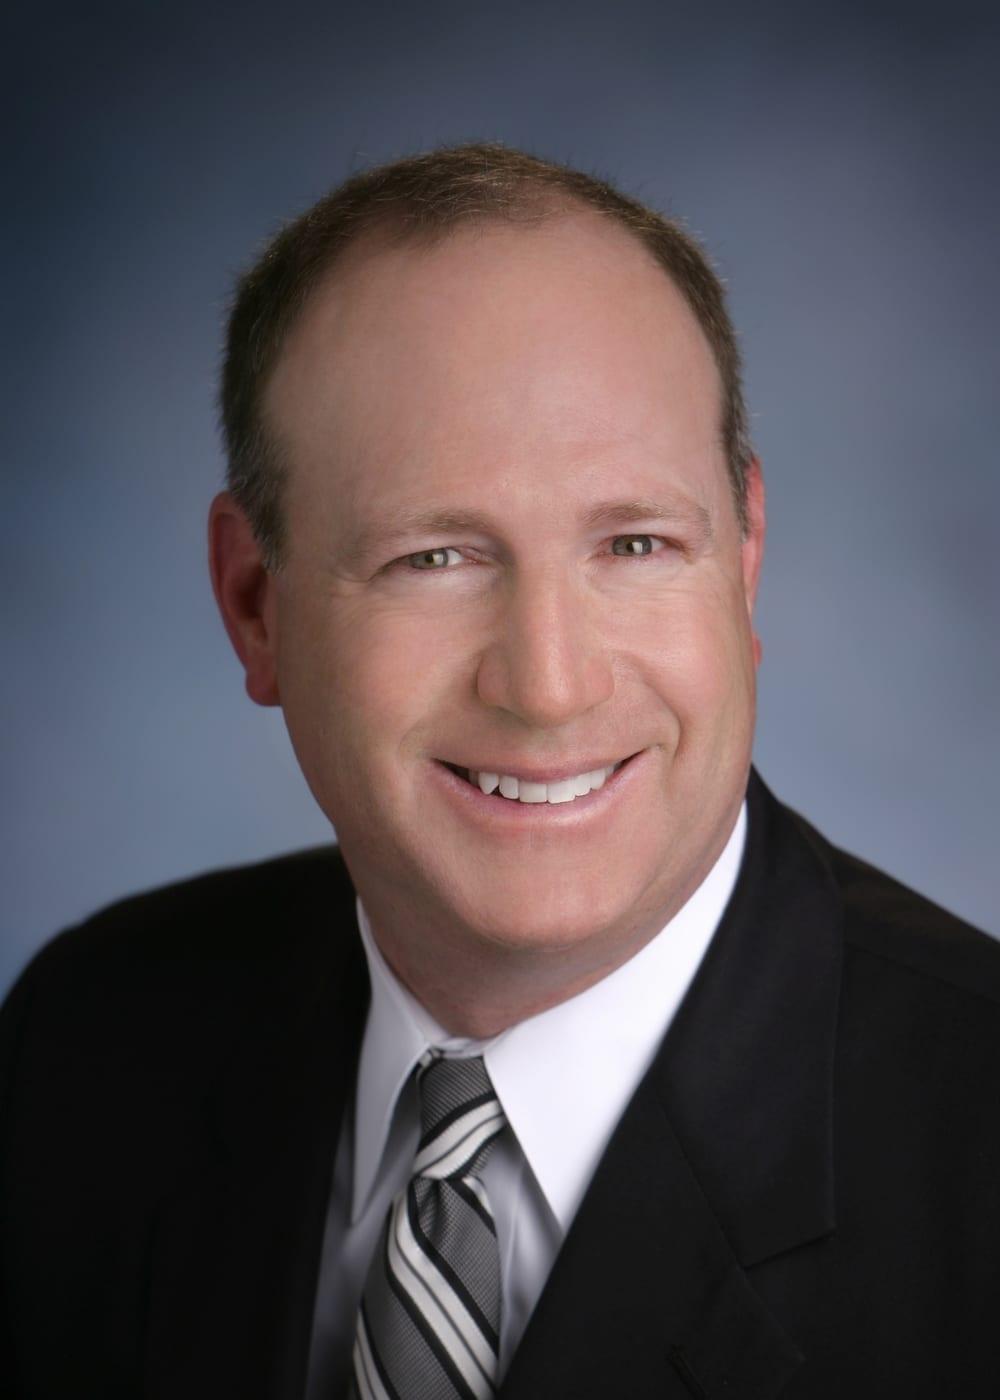 Steven D. Sallen; image courtesy of Maddin Hauser.